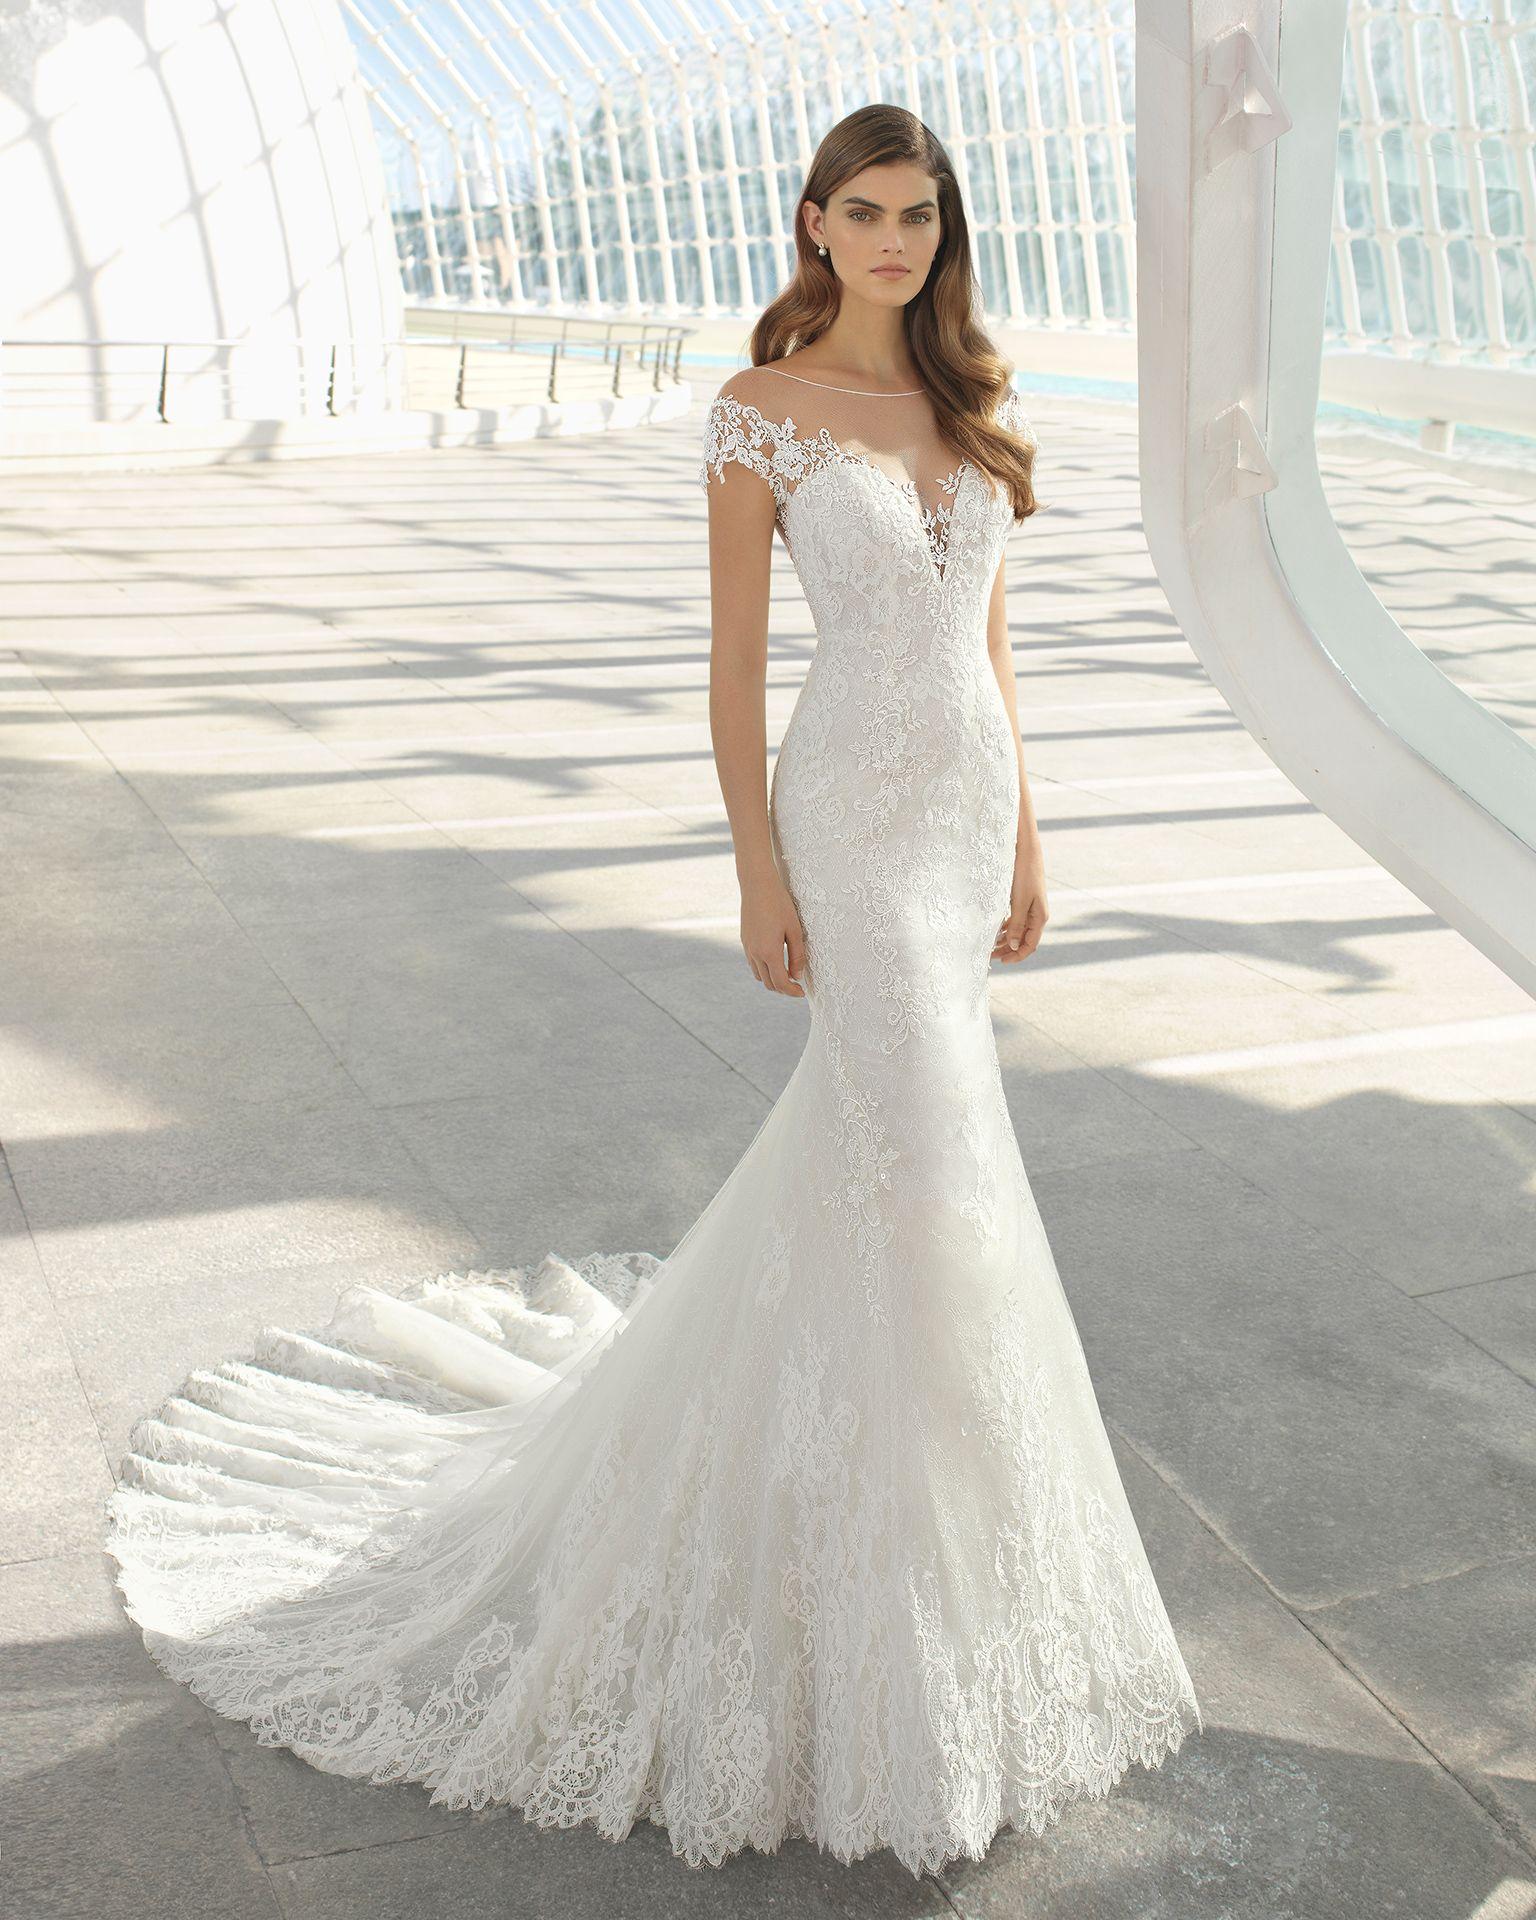 Darling Mermaid Style Wedding Dress Mermaid Wedding Dress Wedding Dresses Lace